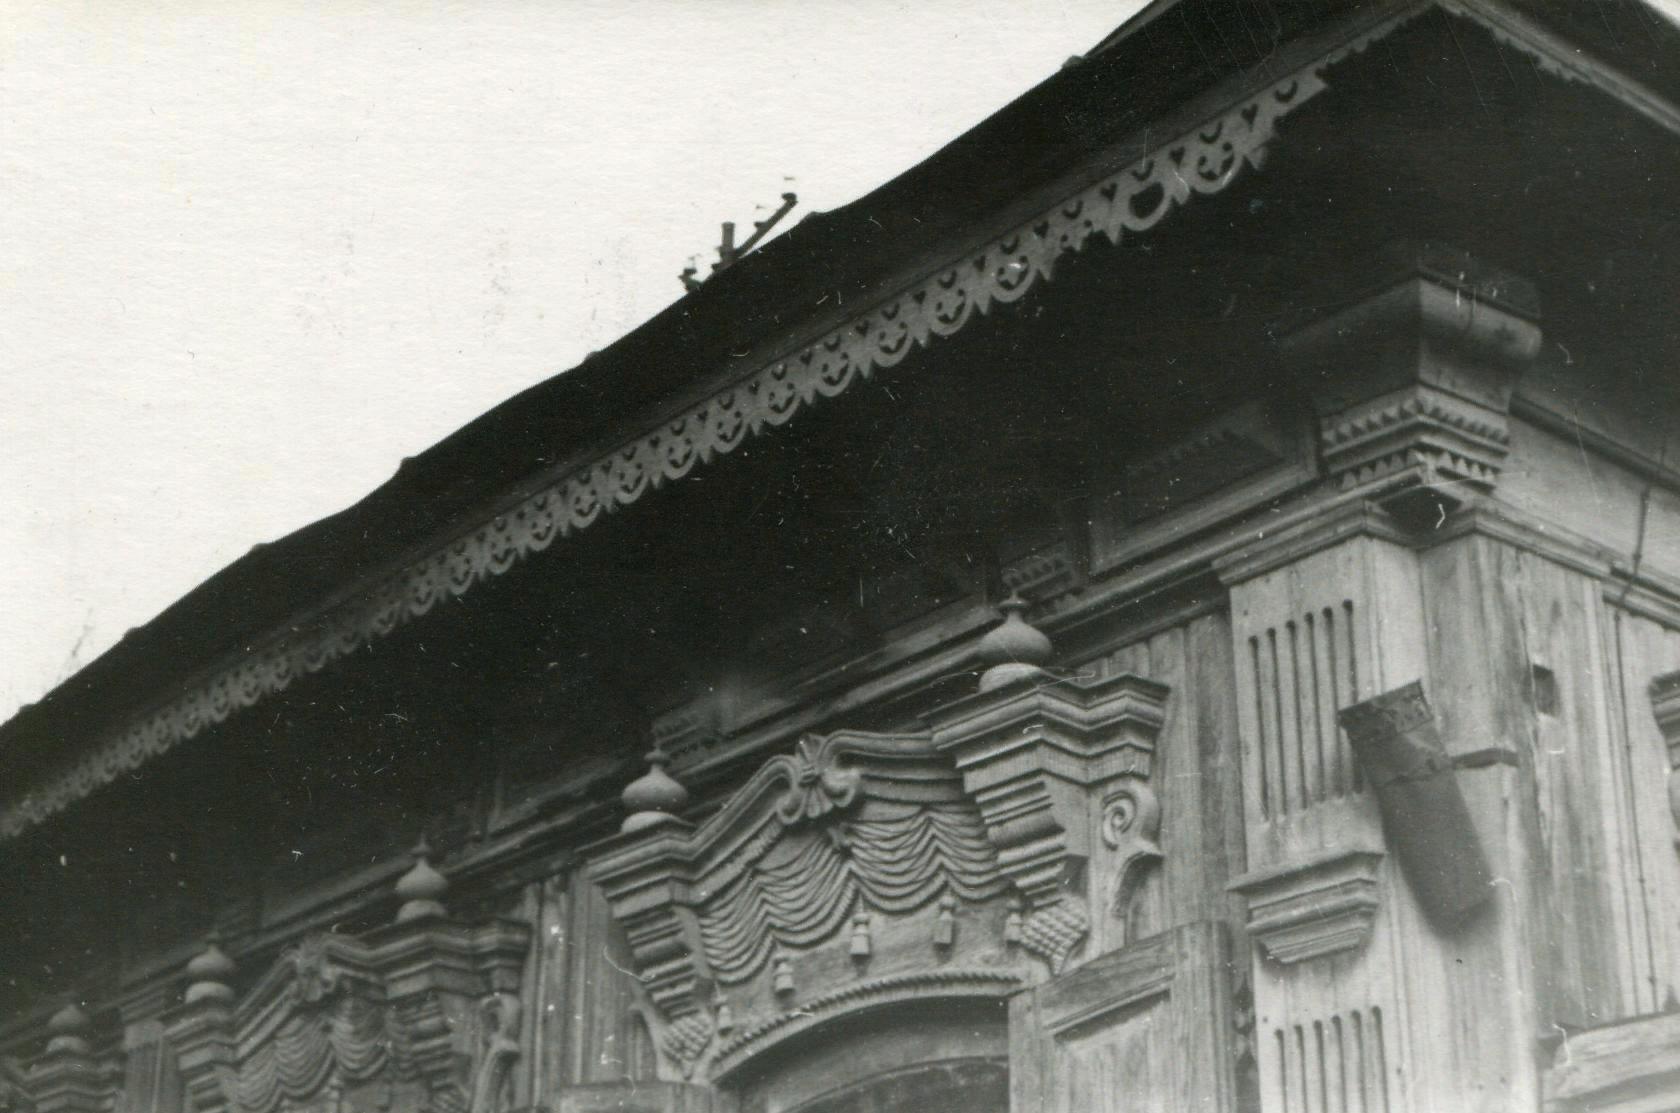 Фрагмент углового декора: подшивной карниз, украшенный выпиловкой, угловой модульон, пилястра с декоративным карнизом ОГАЧО. Ф.Р-1845. Оп.2. Д.42.